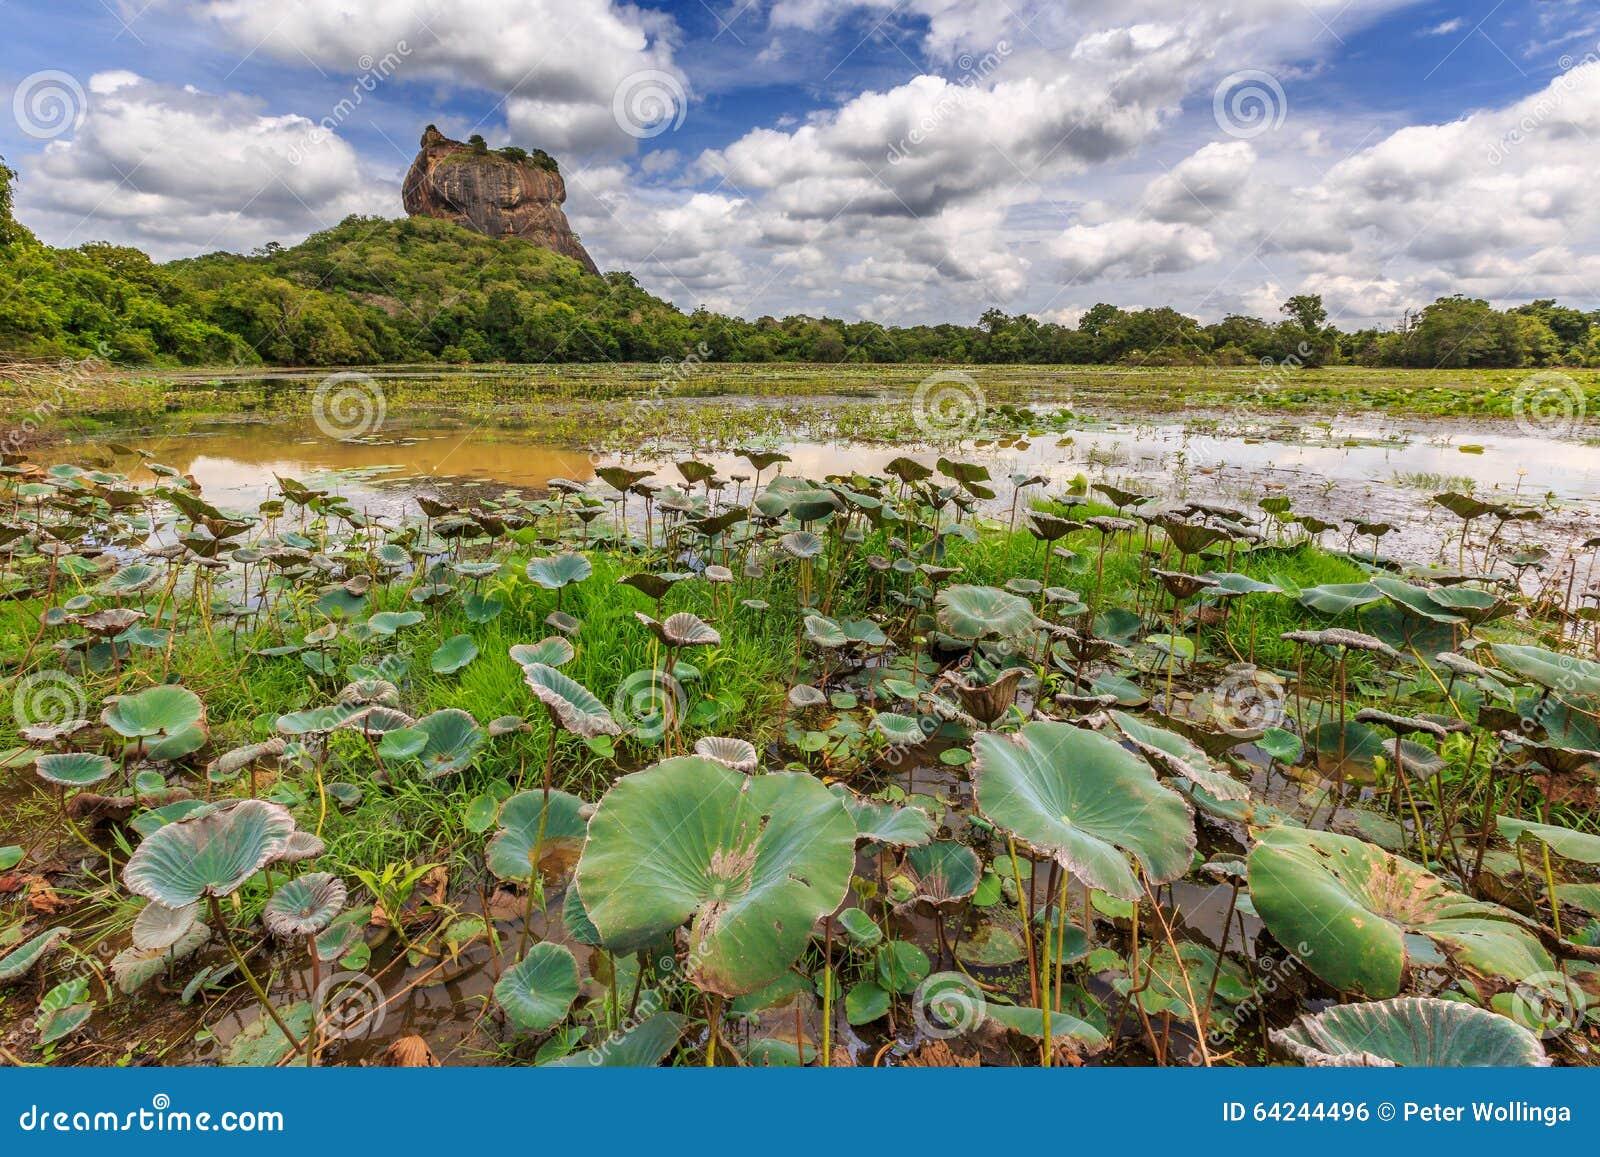 Landschap van leeuwrots en meer in Sigiriya, Sri Lanka